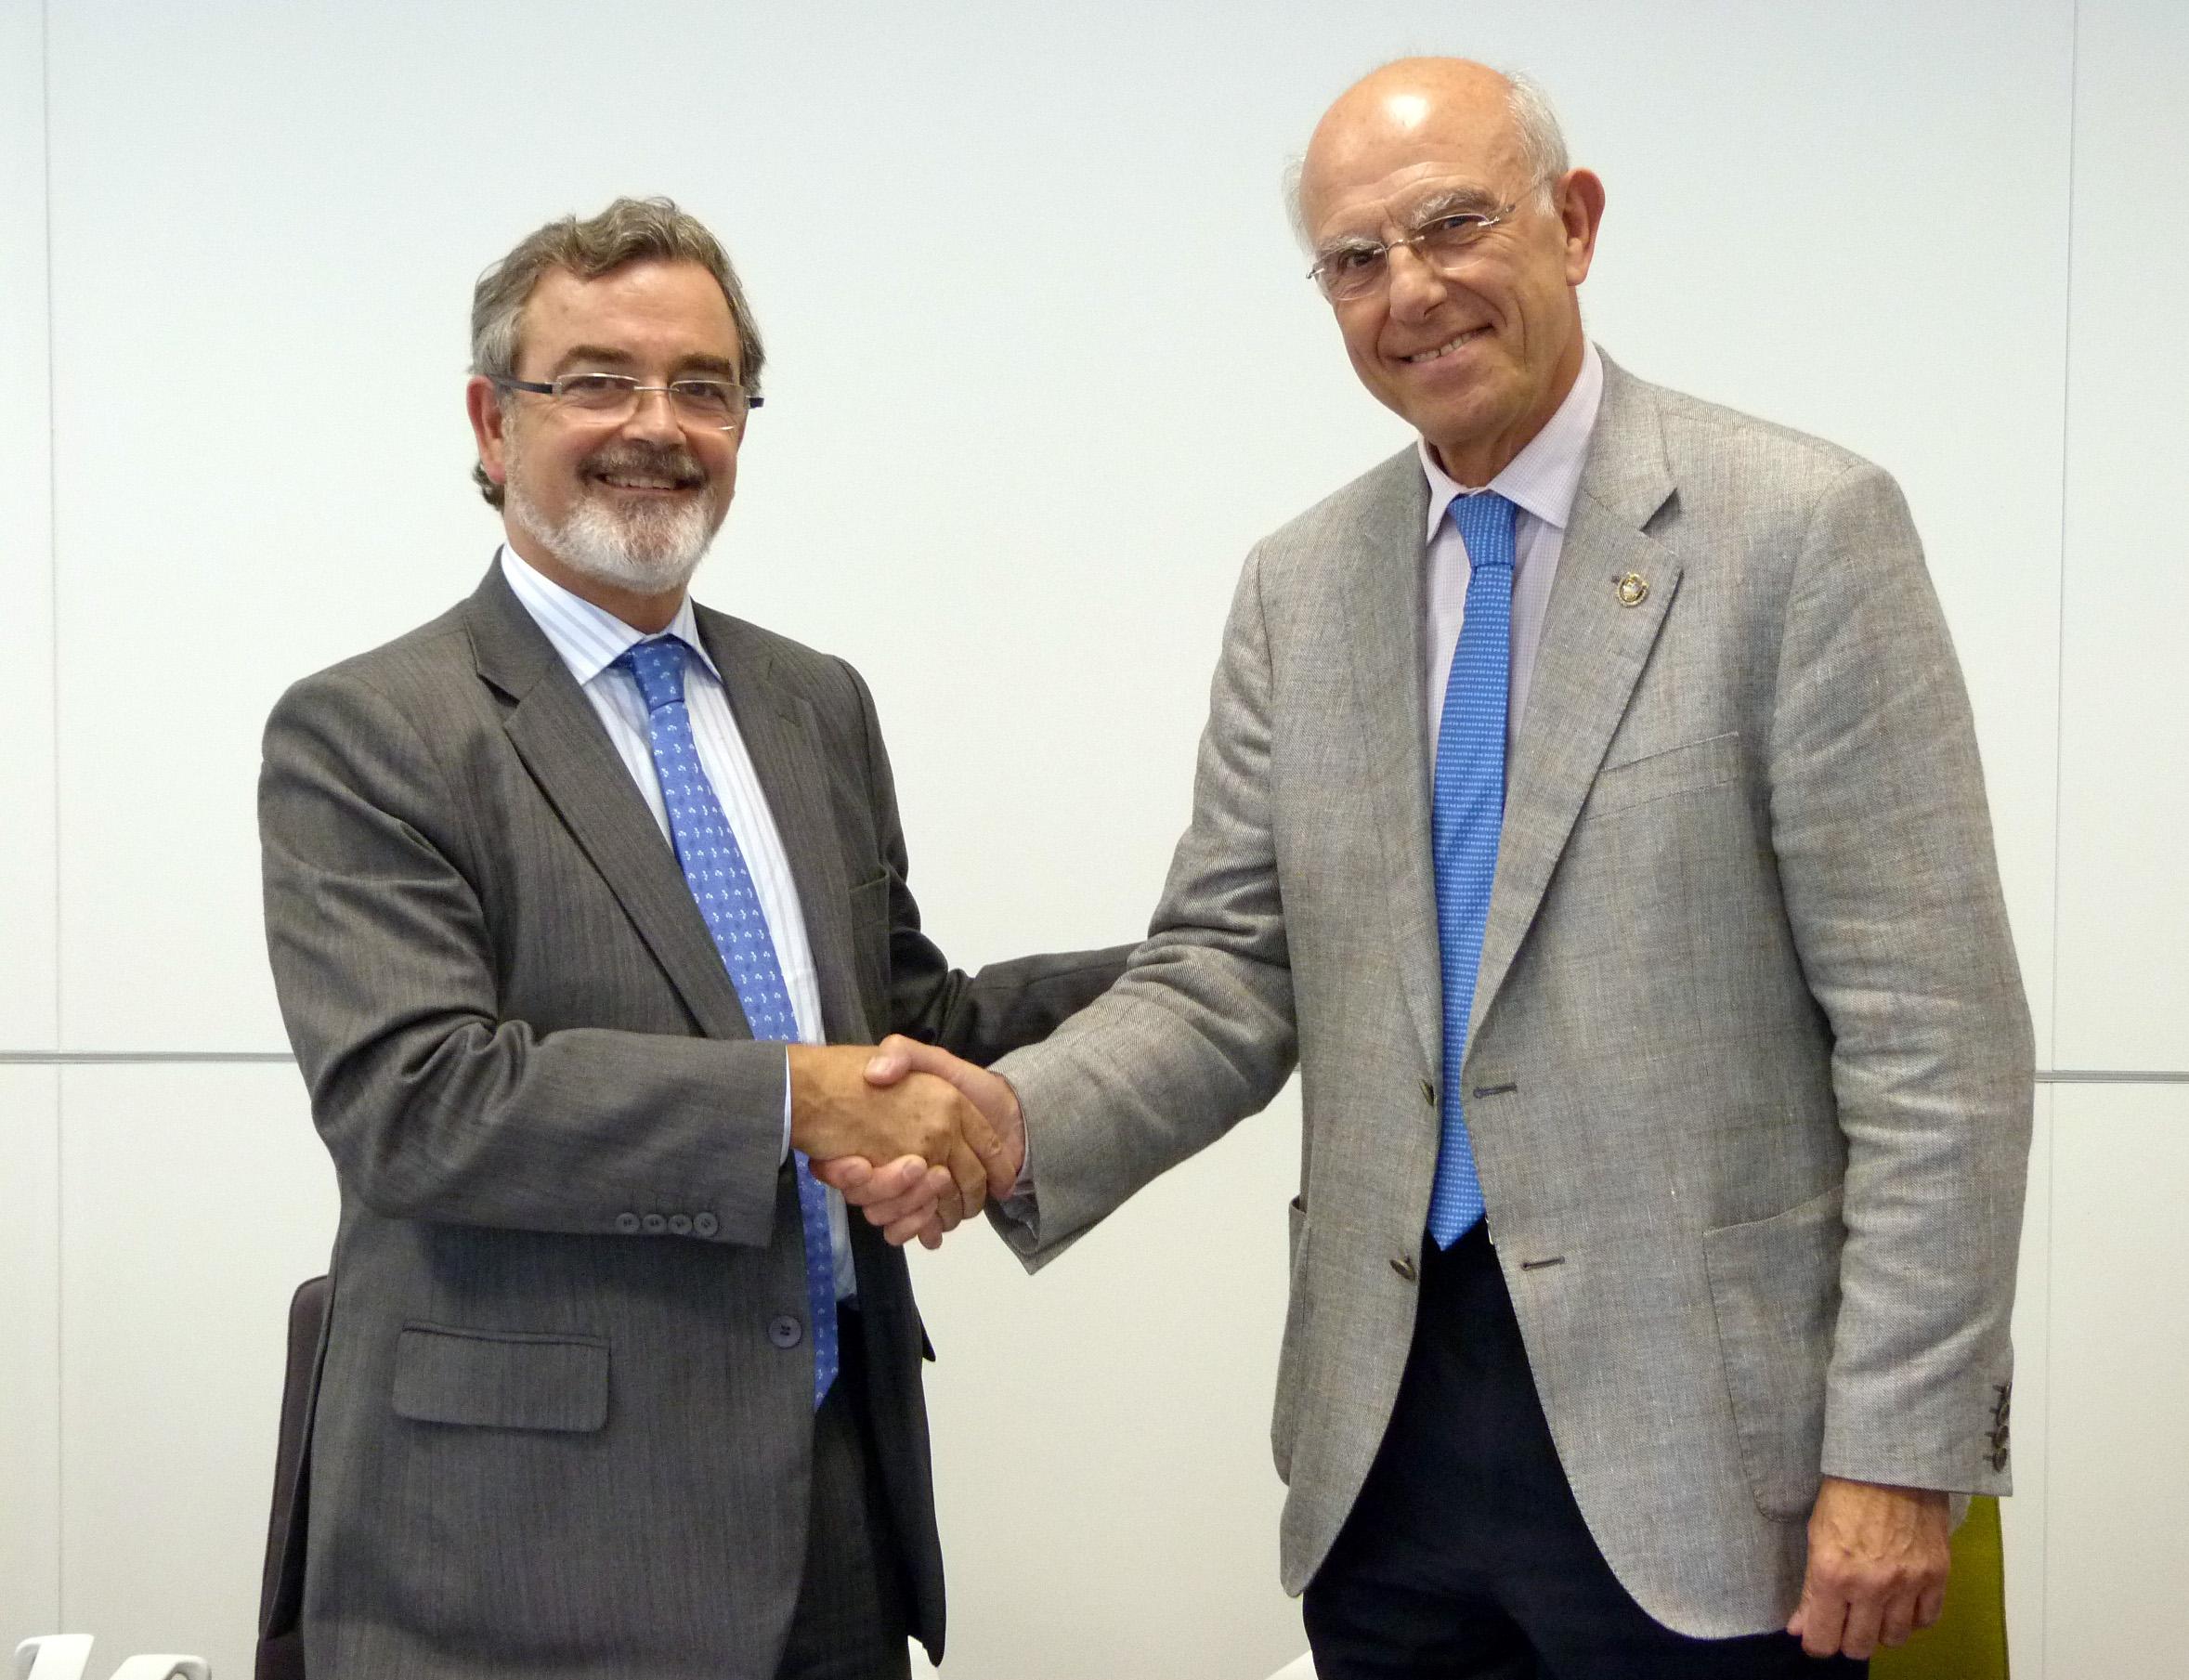 La Universidad de Cantabria e Iberdrola optimizarán las cimentaciones de los aerogeneradores marinos